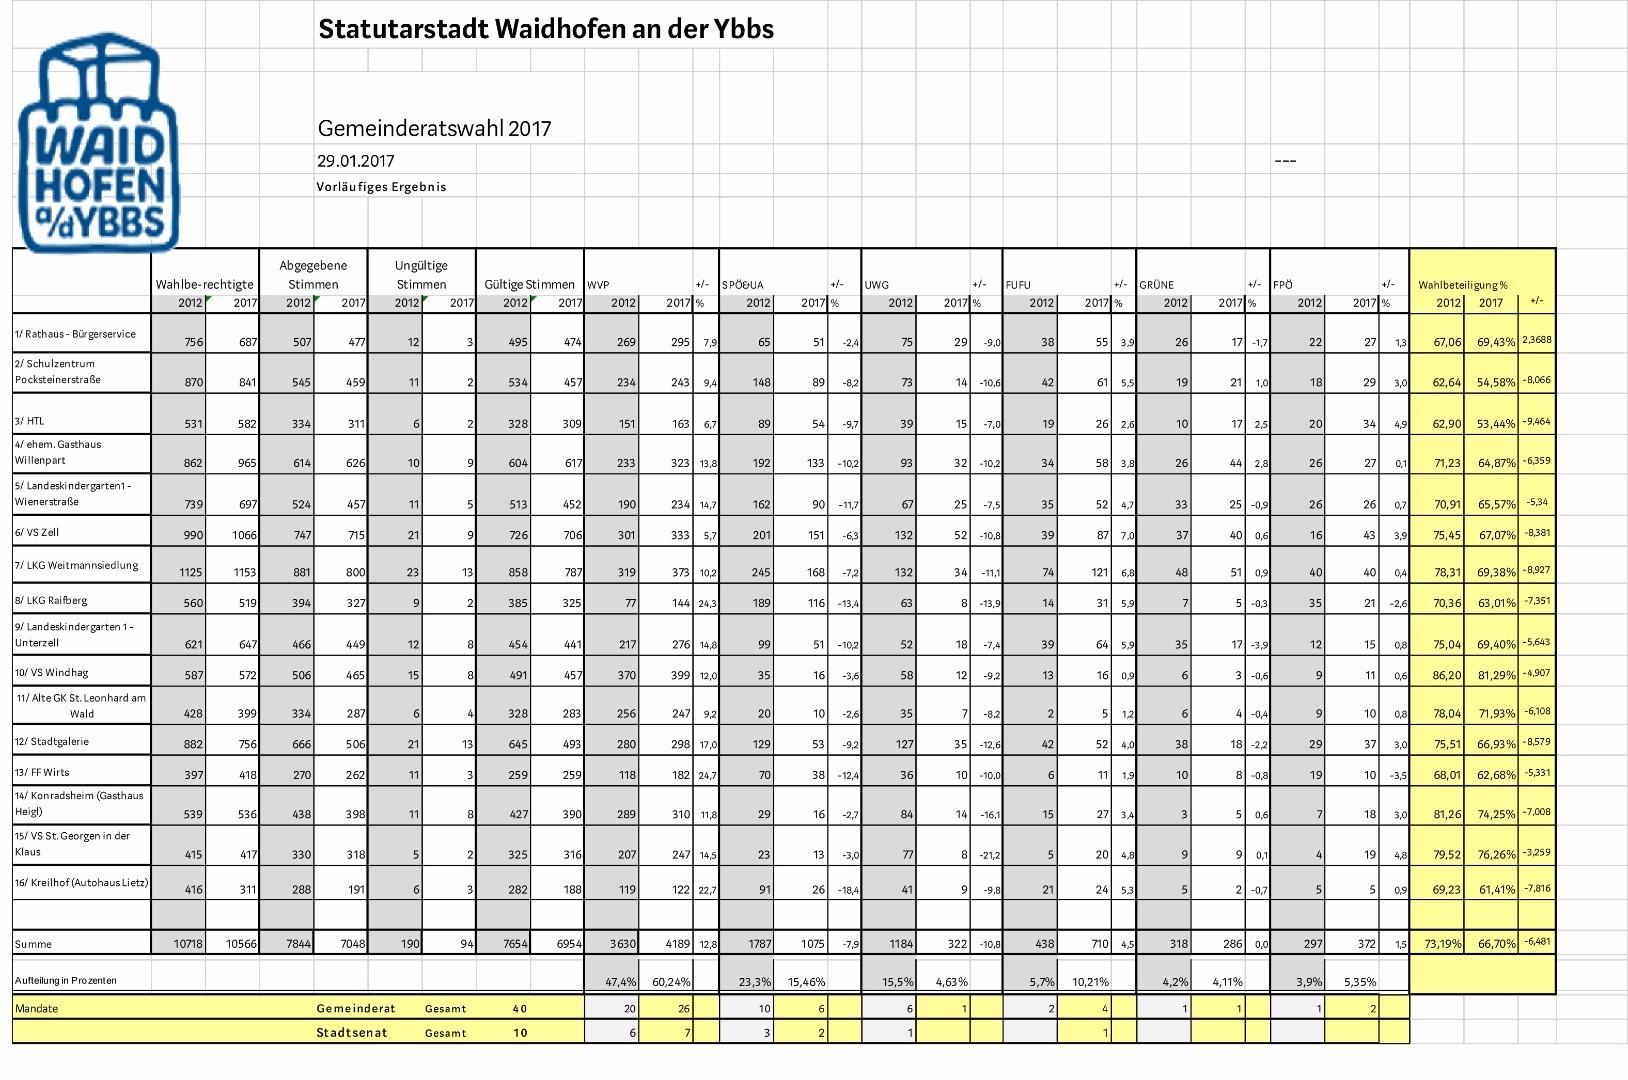 Gemeinderatswahl 2017.jpg